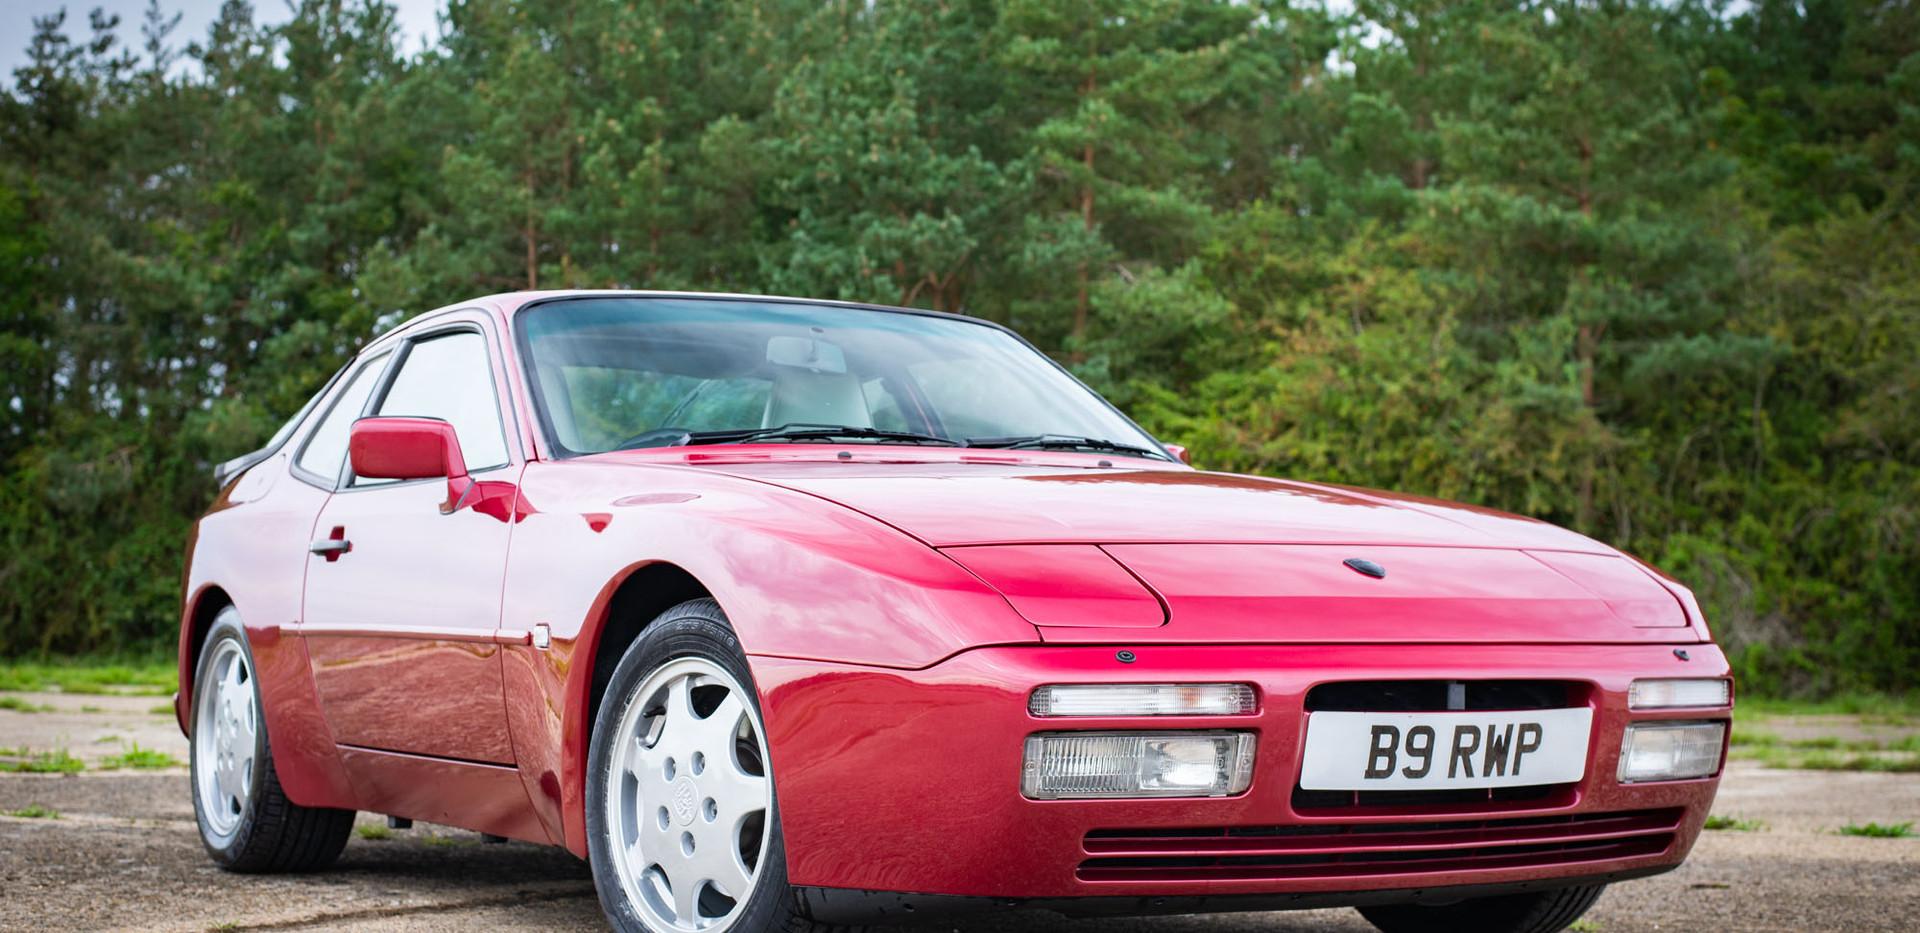 Porsche 944S For Sale UK London-2.jpg